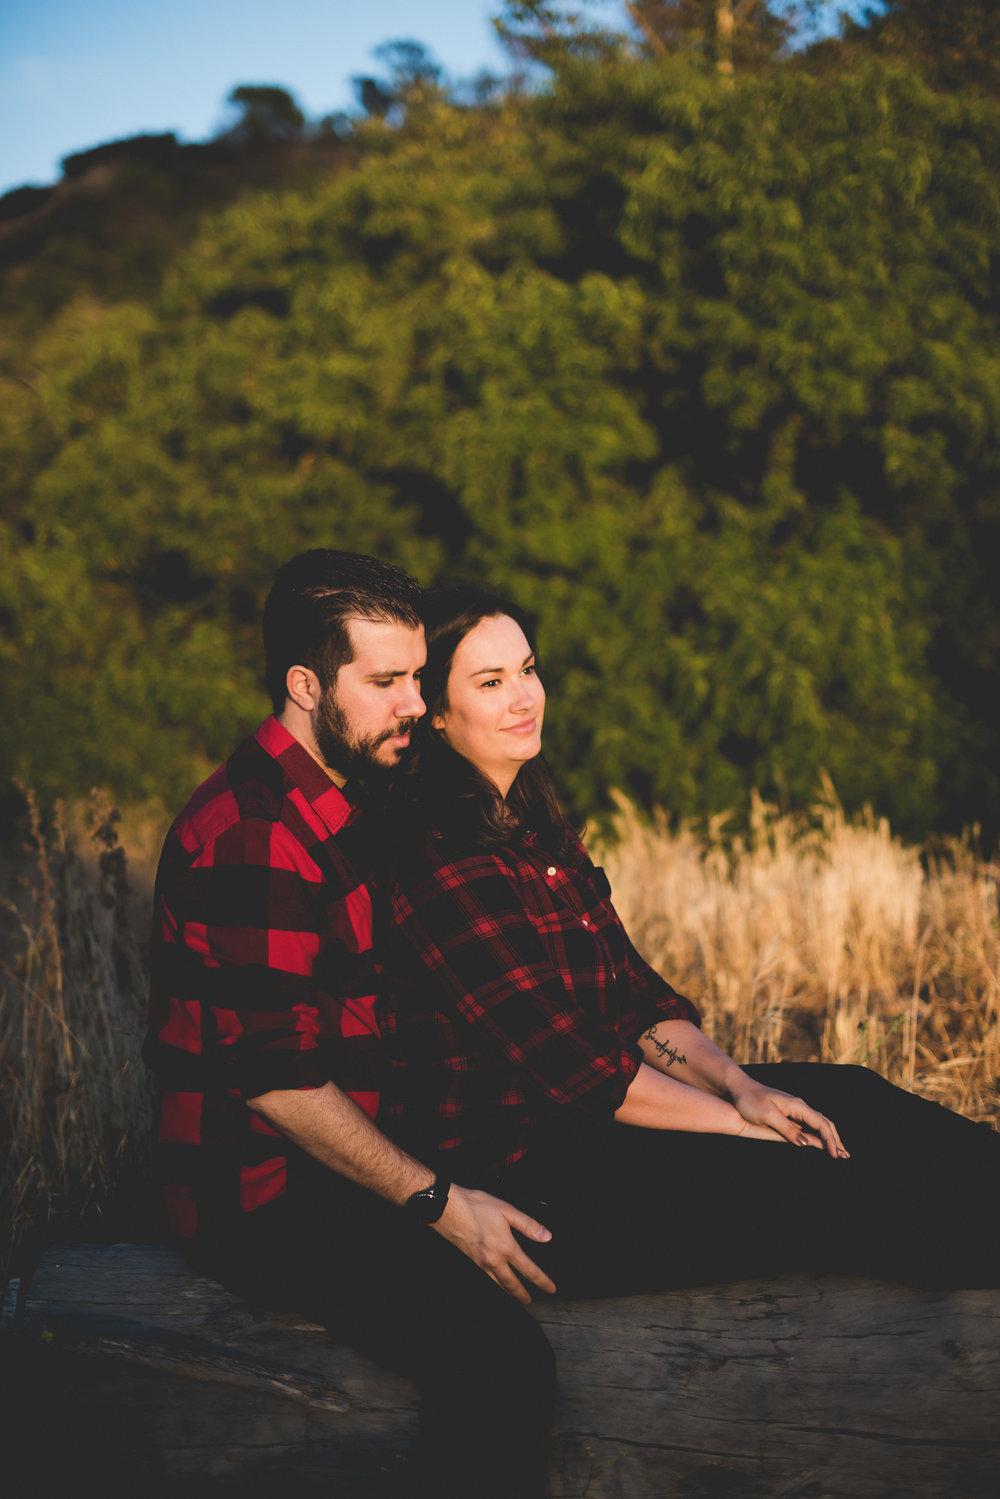 sErika + Daniel - Engagement-151.jpg